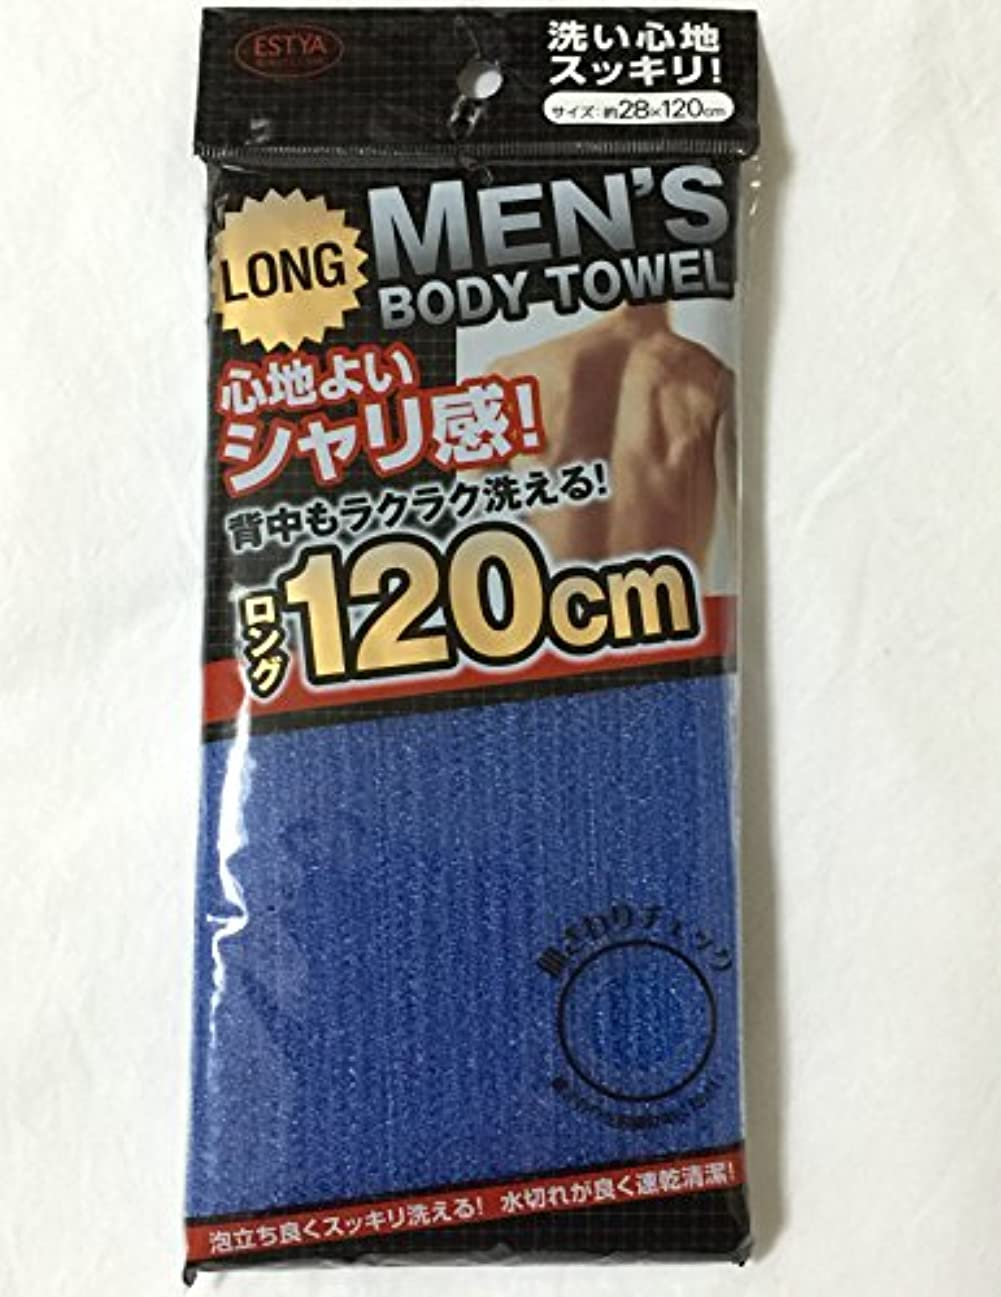 繰り返す探す追跡メンズ ボディー  タオル 120cm ( かため ) スッキリ 爽快 ! 男性用 ロング ナイロン タオル